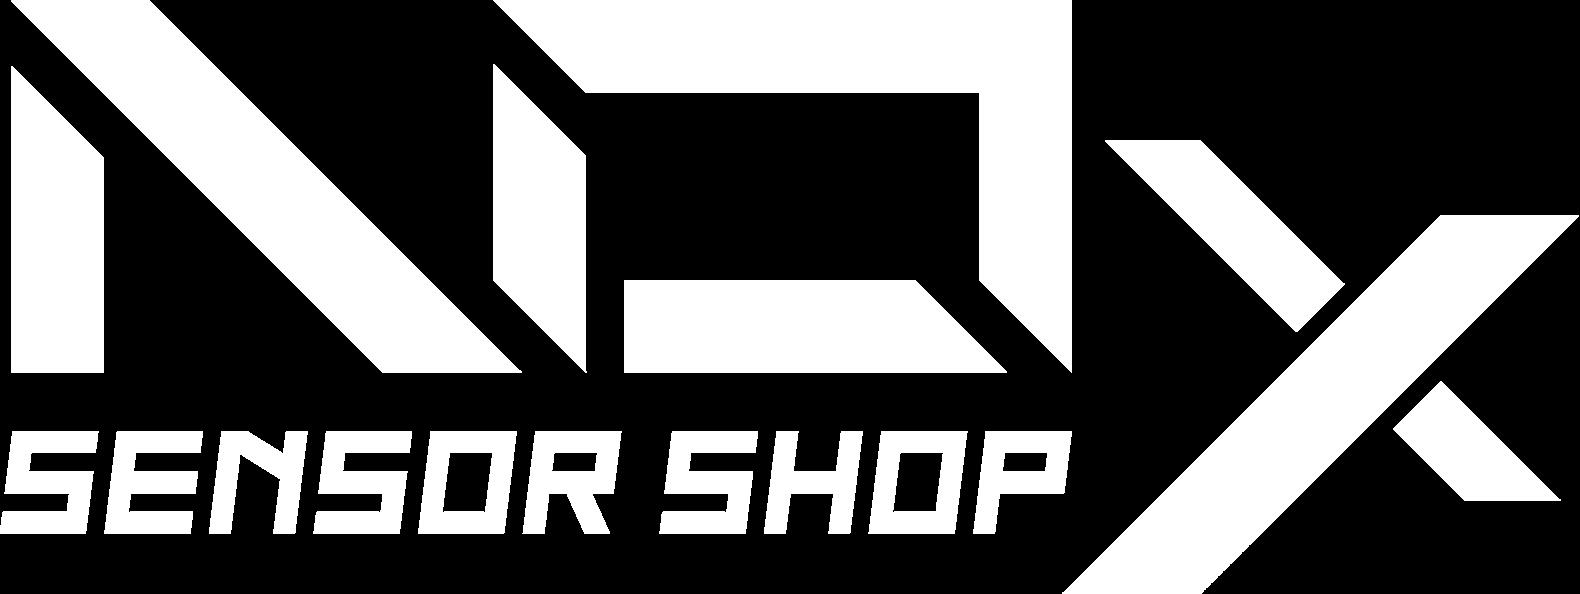 NOX Sensorshop